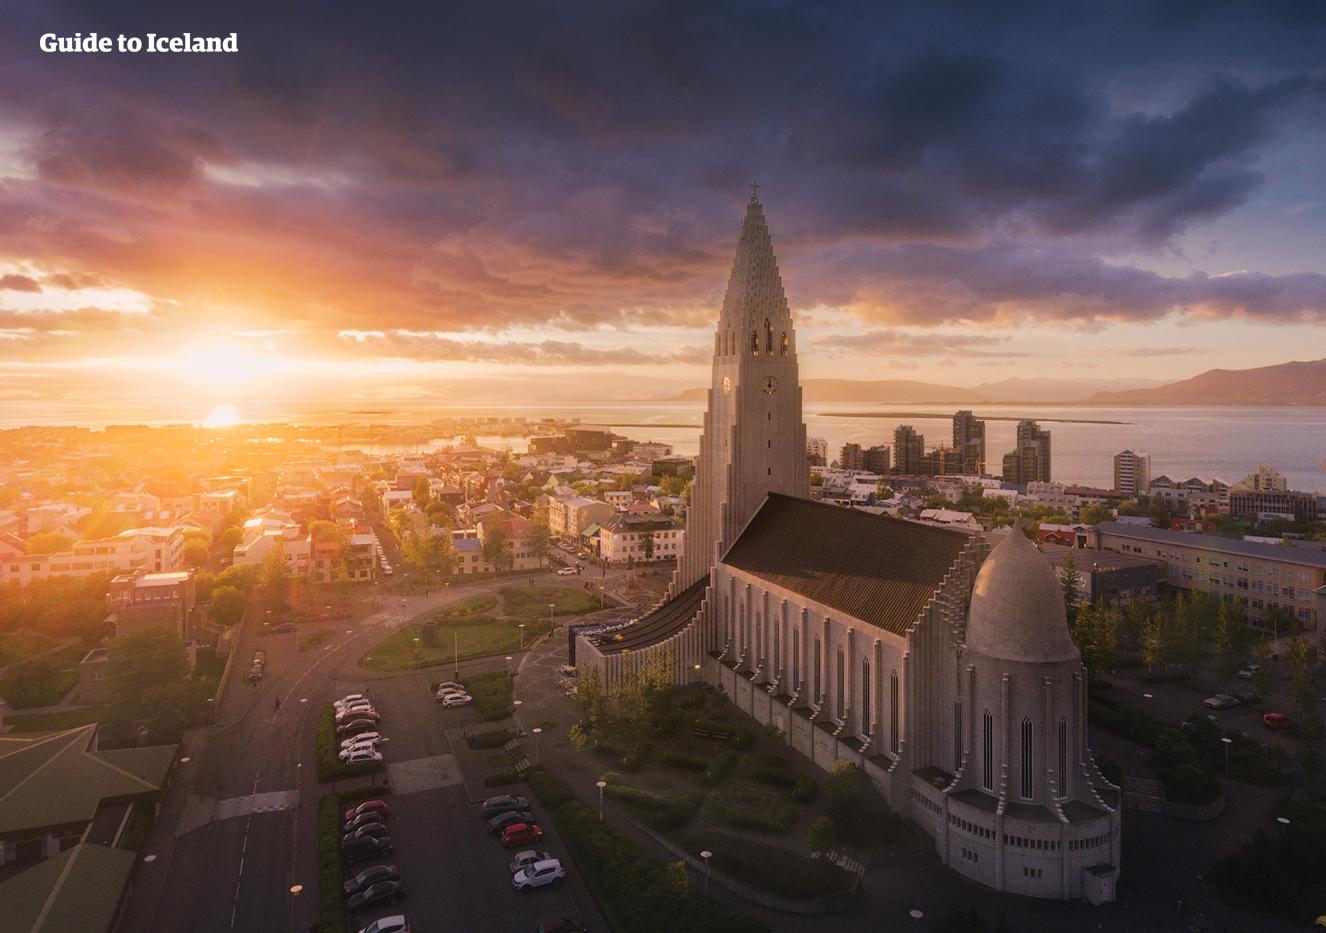 冰岛的房子的屋顶大多都是七彩颜色的,在有午夜阳光的夏天从高而下鸟瞰景色让人心醉